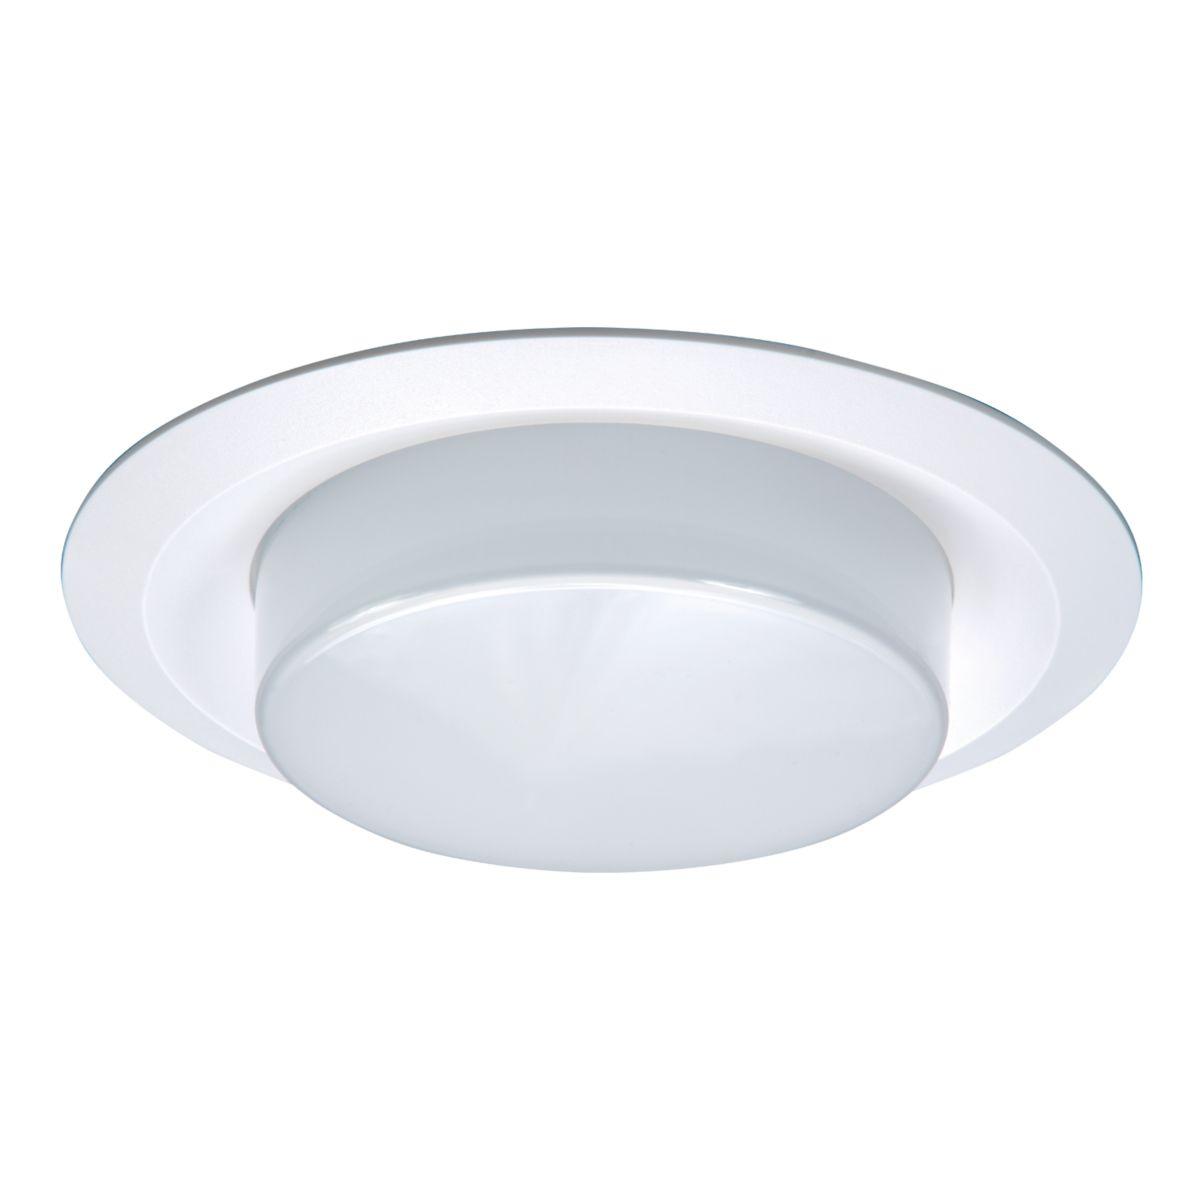 6162 Drop White Lens